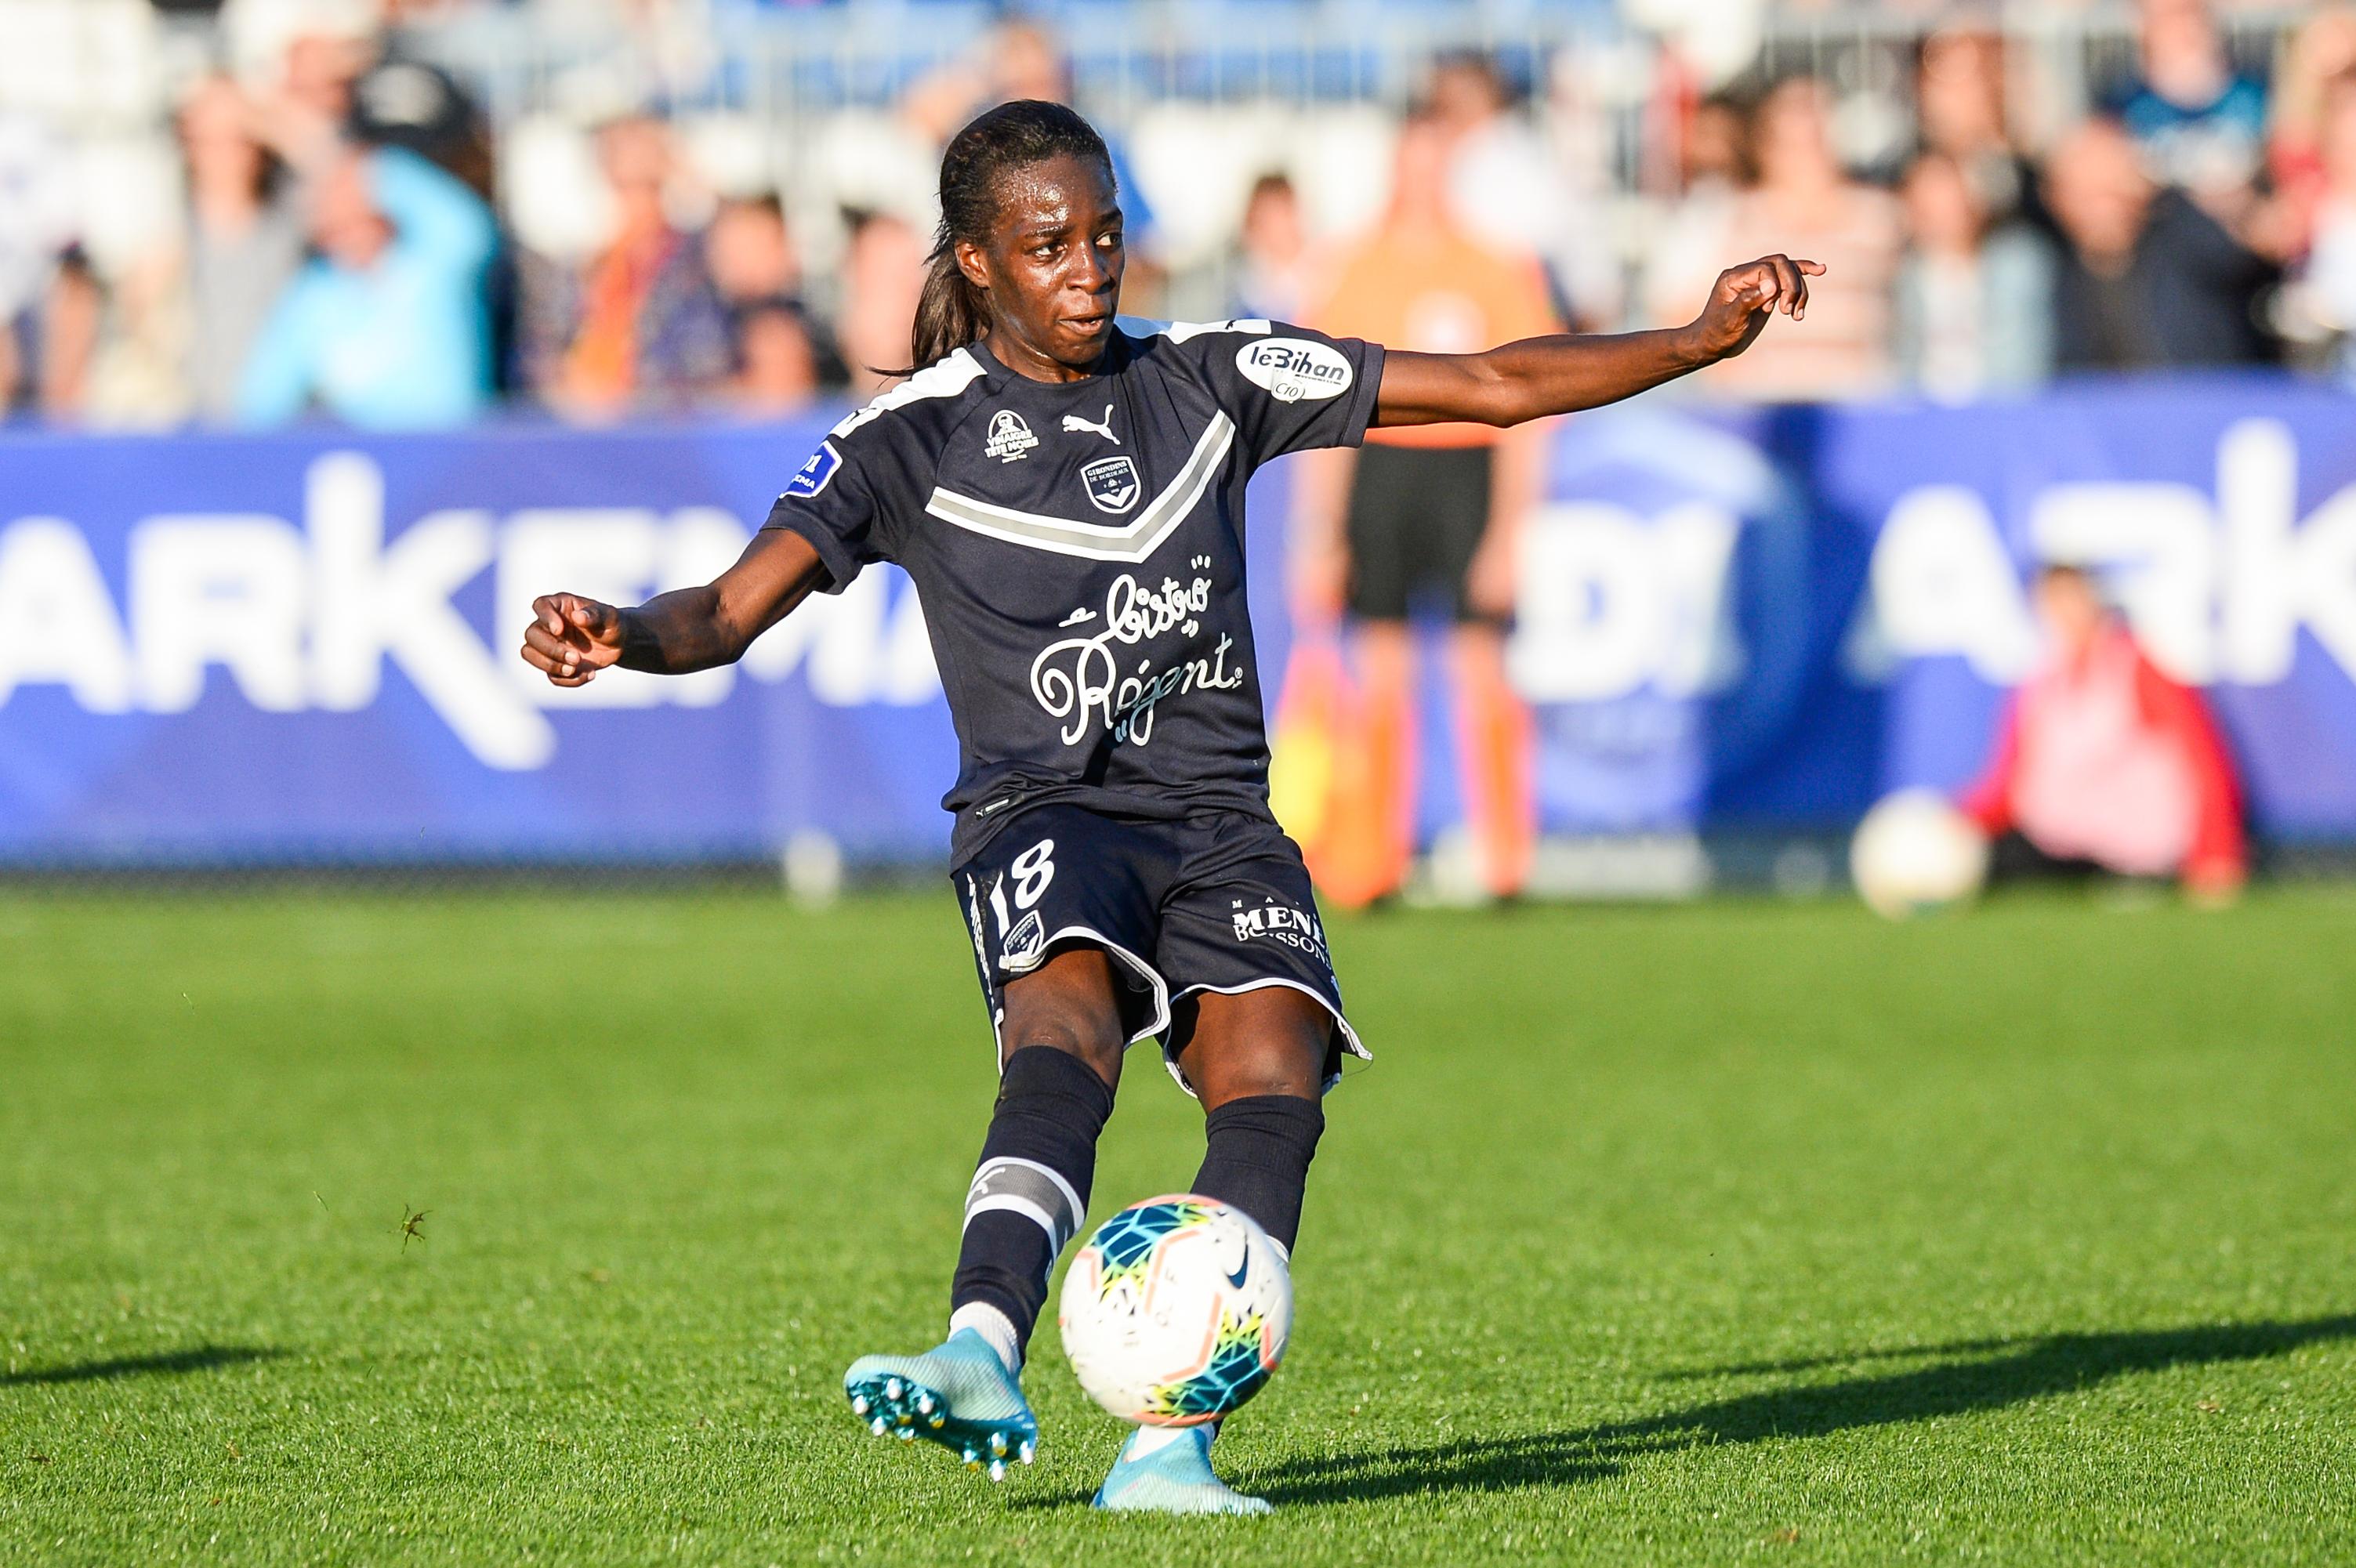 Olympique Lyonnais v Bordeaux - Division 1